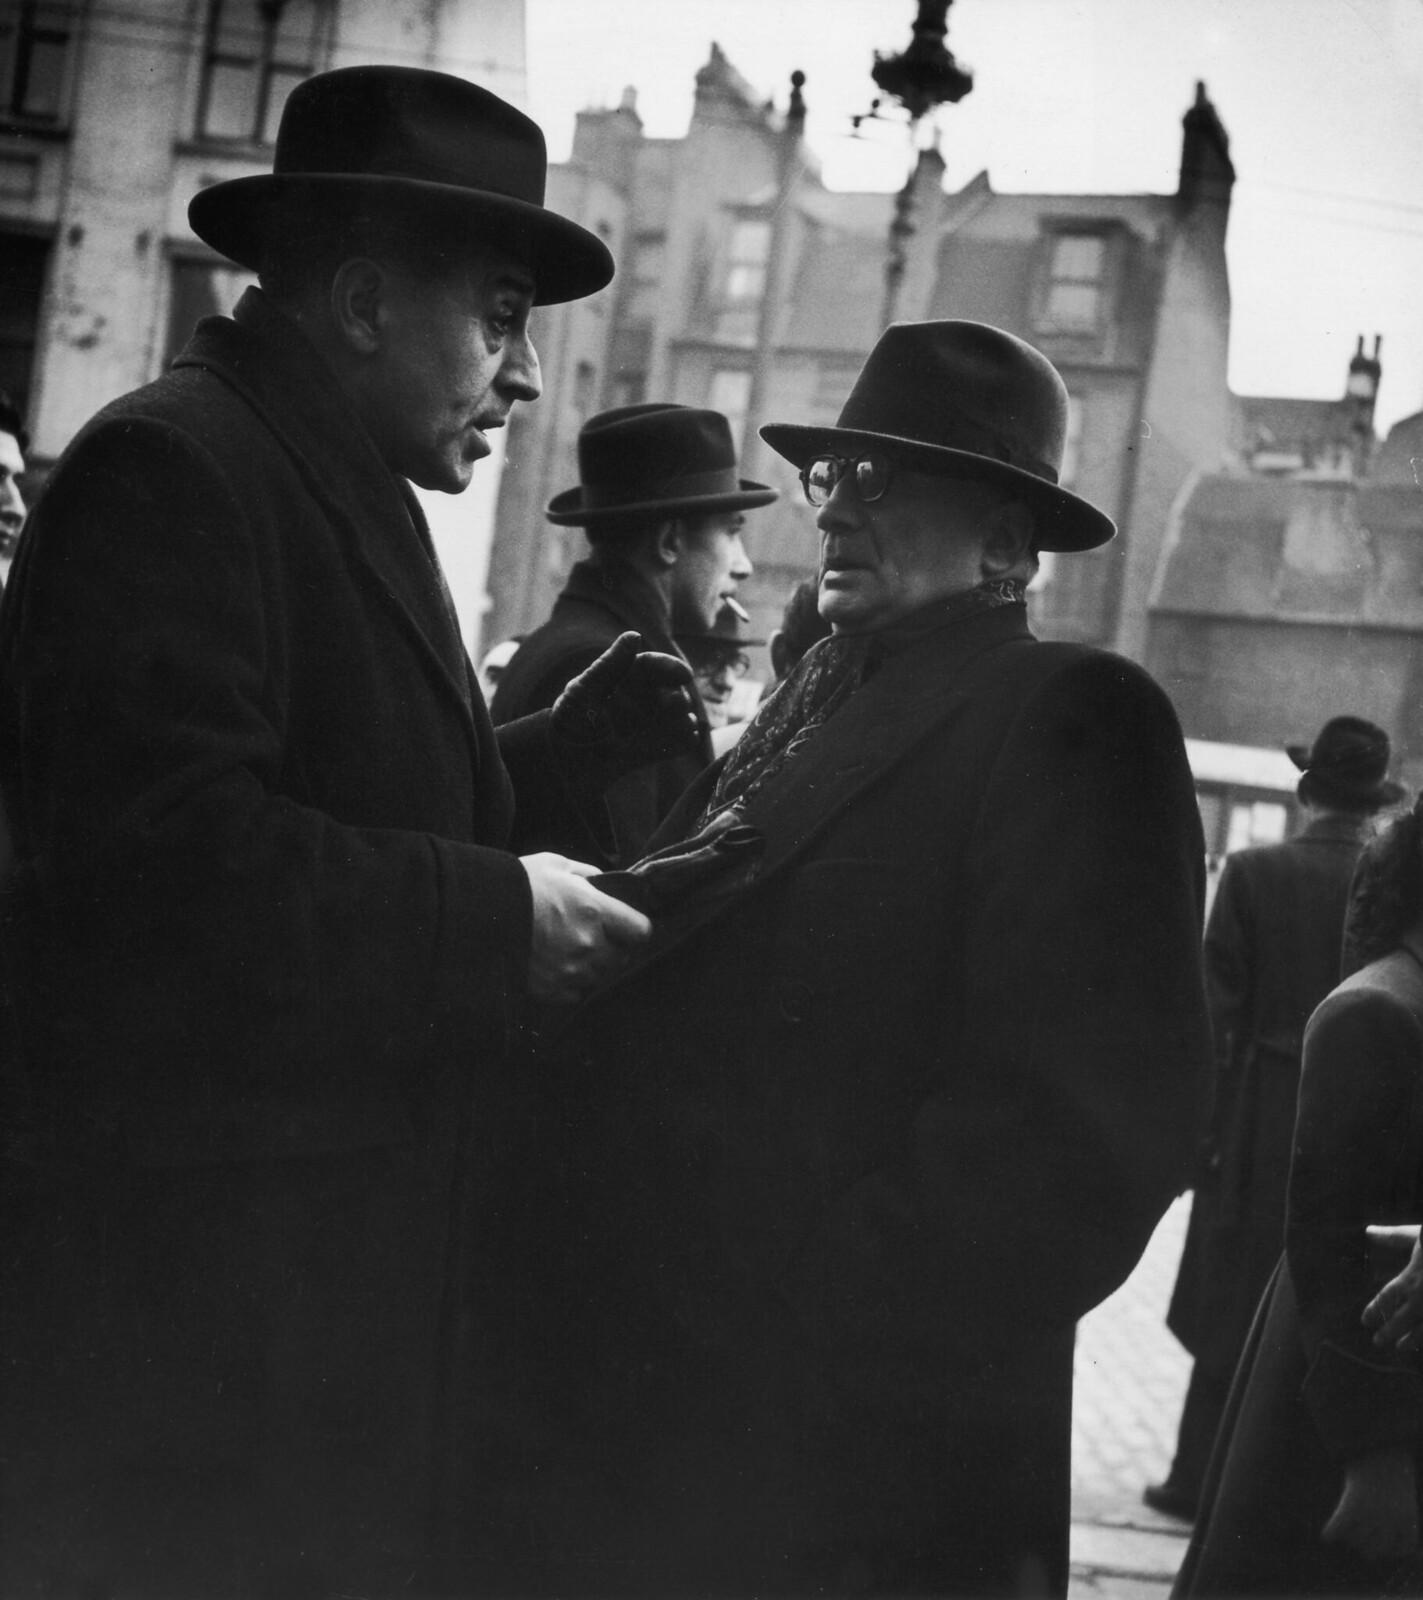 10. Два еврея беседуют на улице Уайтчепела